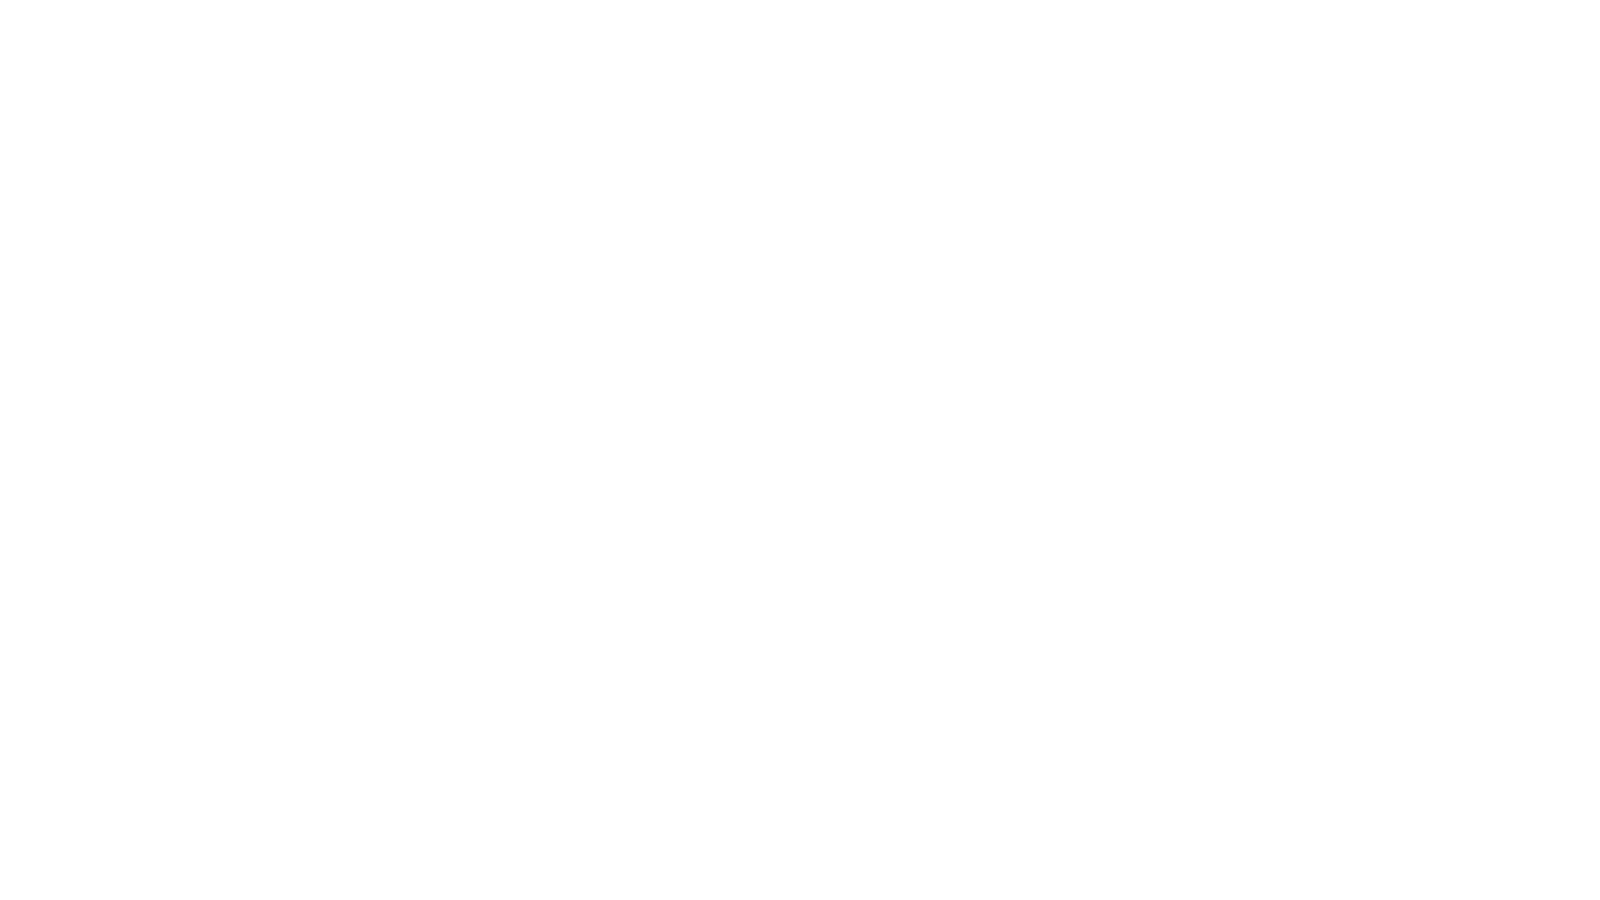 【動画の内容】  表彰品を製造販売するメーカーWIN アキツ工業株式会社です!! 今回は弊社の社内表彰「チャレンジ賞」と言う表彰の流れをご紹介いたします。  📝アンケートにご協力宜しくお願いします。 季節のメッセージカード プレゼント中🎁→https://forms.gle/qGQnrmbVFS6aSmeT9   【関連動画 📹】 ・トロフィーの組立→https://youtu.be/uSE1VUd85QM ・楯の組立編→https://youtu.be/BZ4VRiVDelU  ・ブロンズの組立編→https://youtu.be/07qFy73GK-Q ・サンド加工編→https://youtu.be/zEfgzztbLNw ・レーザー加工編→https://youtu.be/1U26plkdNqM ・フェイスシールド『たべれーる』編→https://youtu.be/-diyxCLhRl0  【SNSでアキツ工業株式会社とお友達になって下さい♫】 ◆Instagram:https://www.instagram.com/win_akitsu/ ◆Facebook:https://ja-jp.facebook.com/WIN.Akitsu/ ◆Twitter:https://twitter.com/winakitsu  アキツ工業株式会社 〒587-0042 大阪府堺市美原区木材通4-3-13 TEL  072-363-0500 FAX  072-363-0501 HP→https://www.wininc.jp/